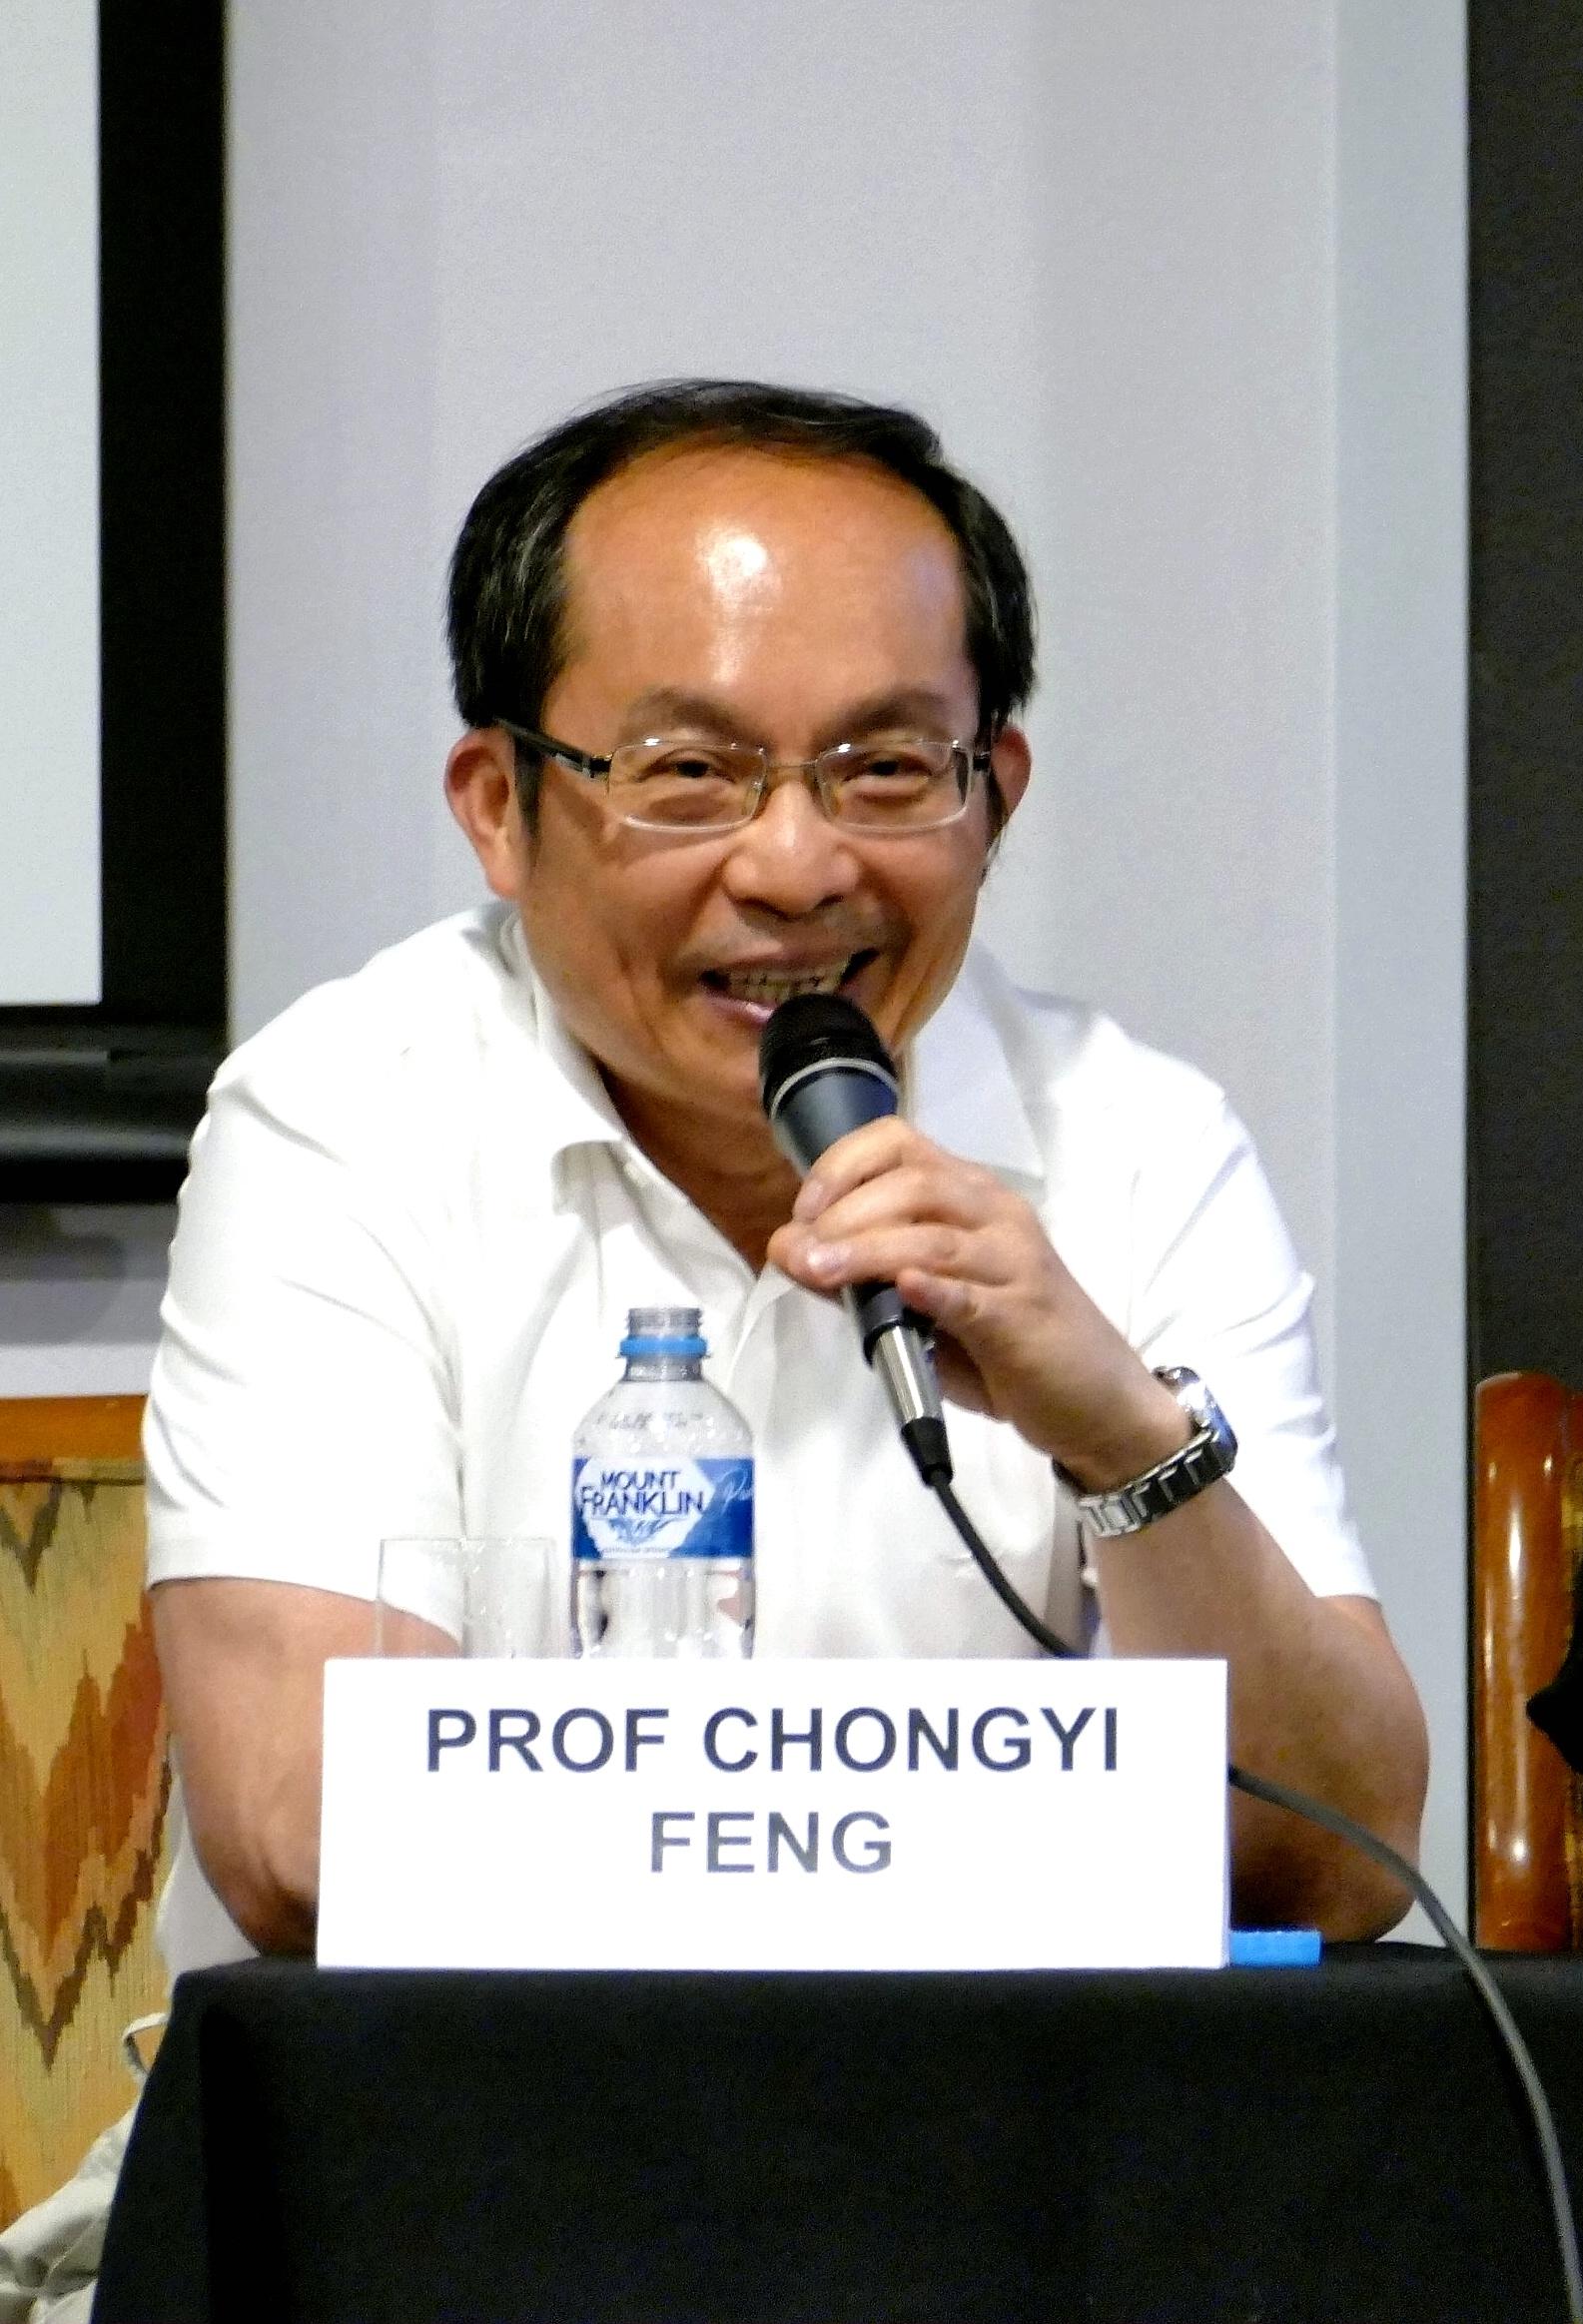 馮崇義教授認為,中共的滲透有悖於西方國家價值觀。(安平雅/大紀元)